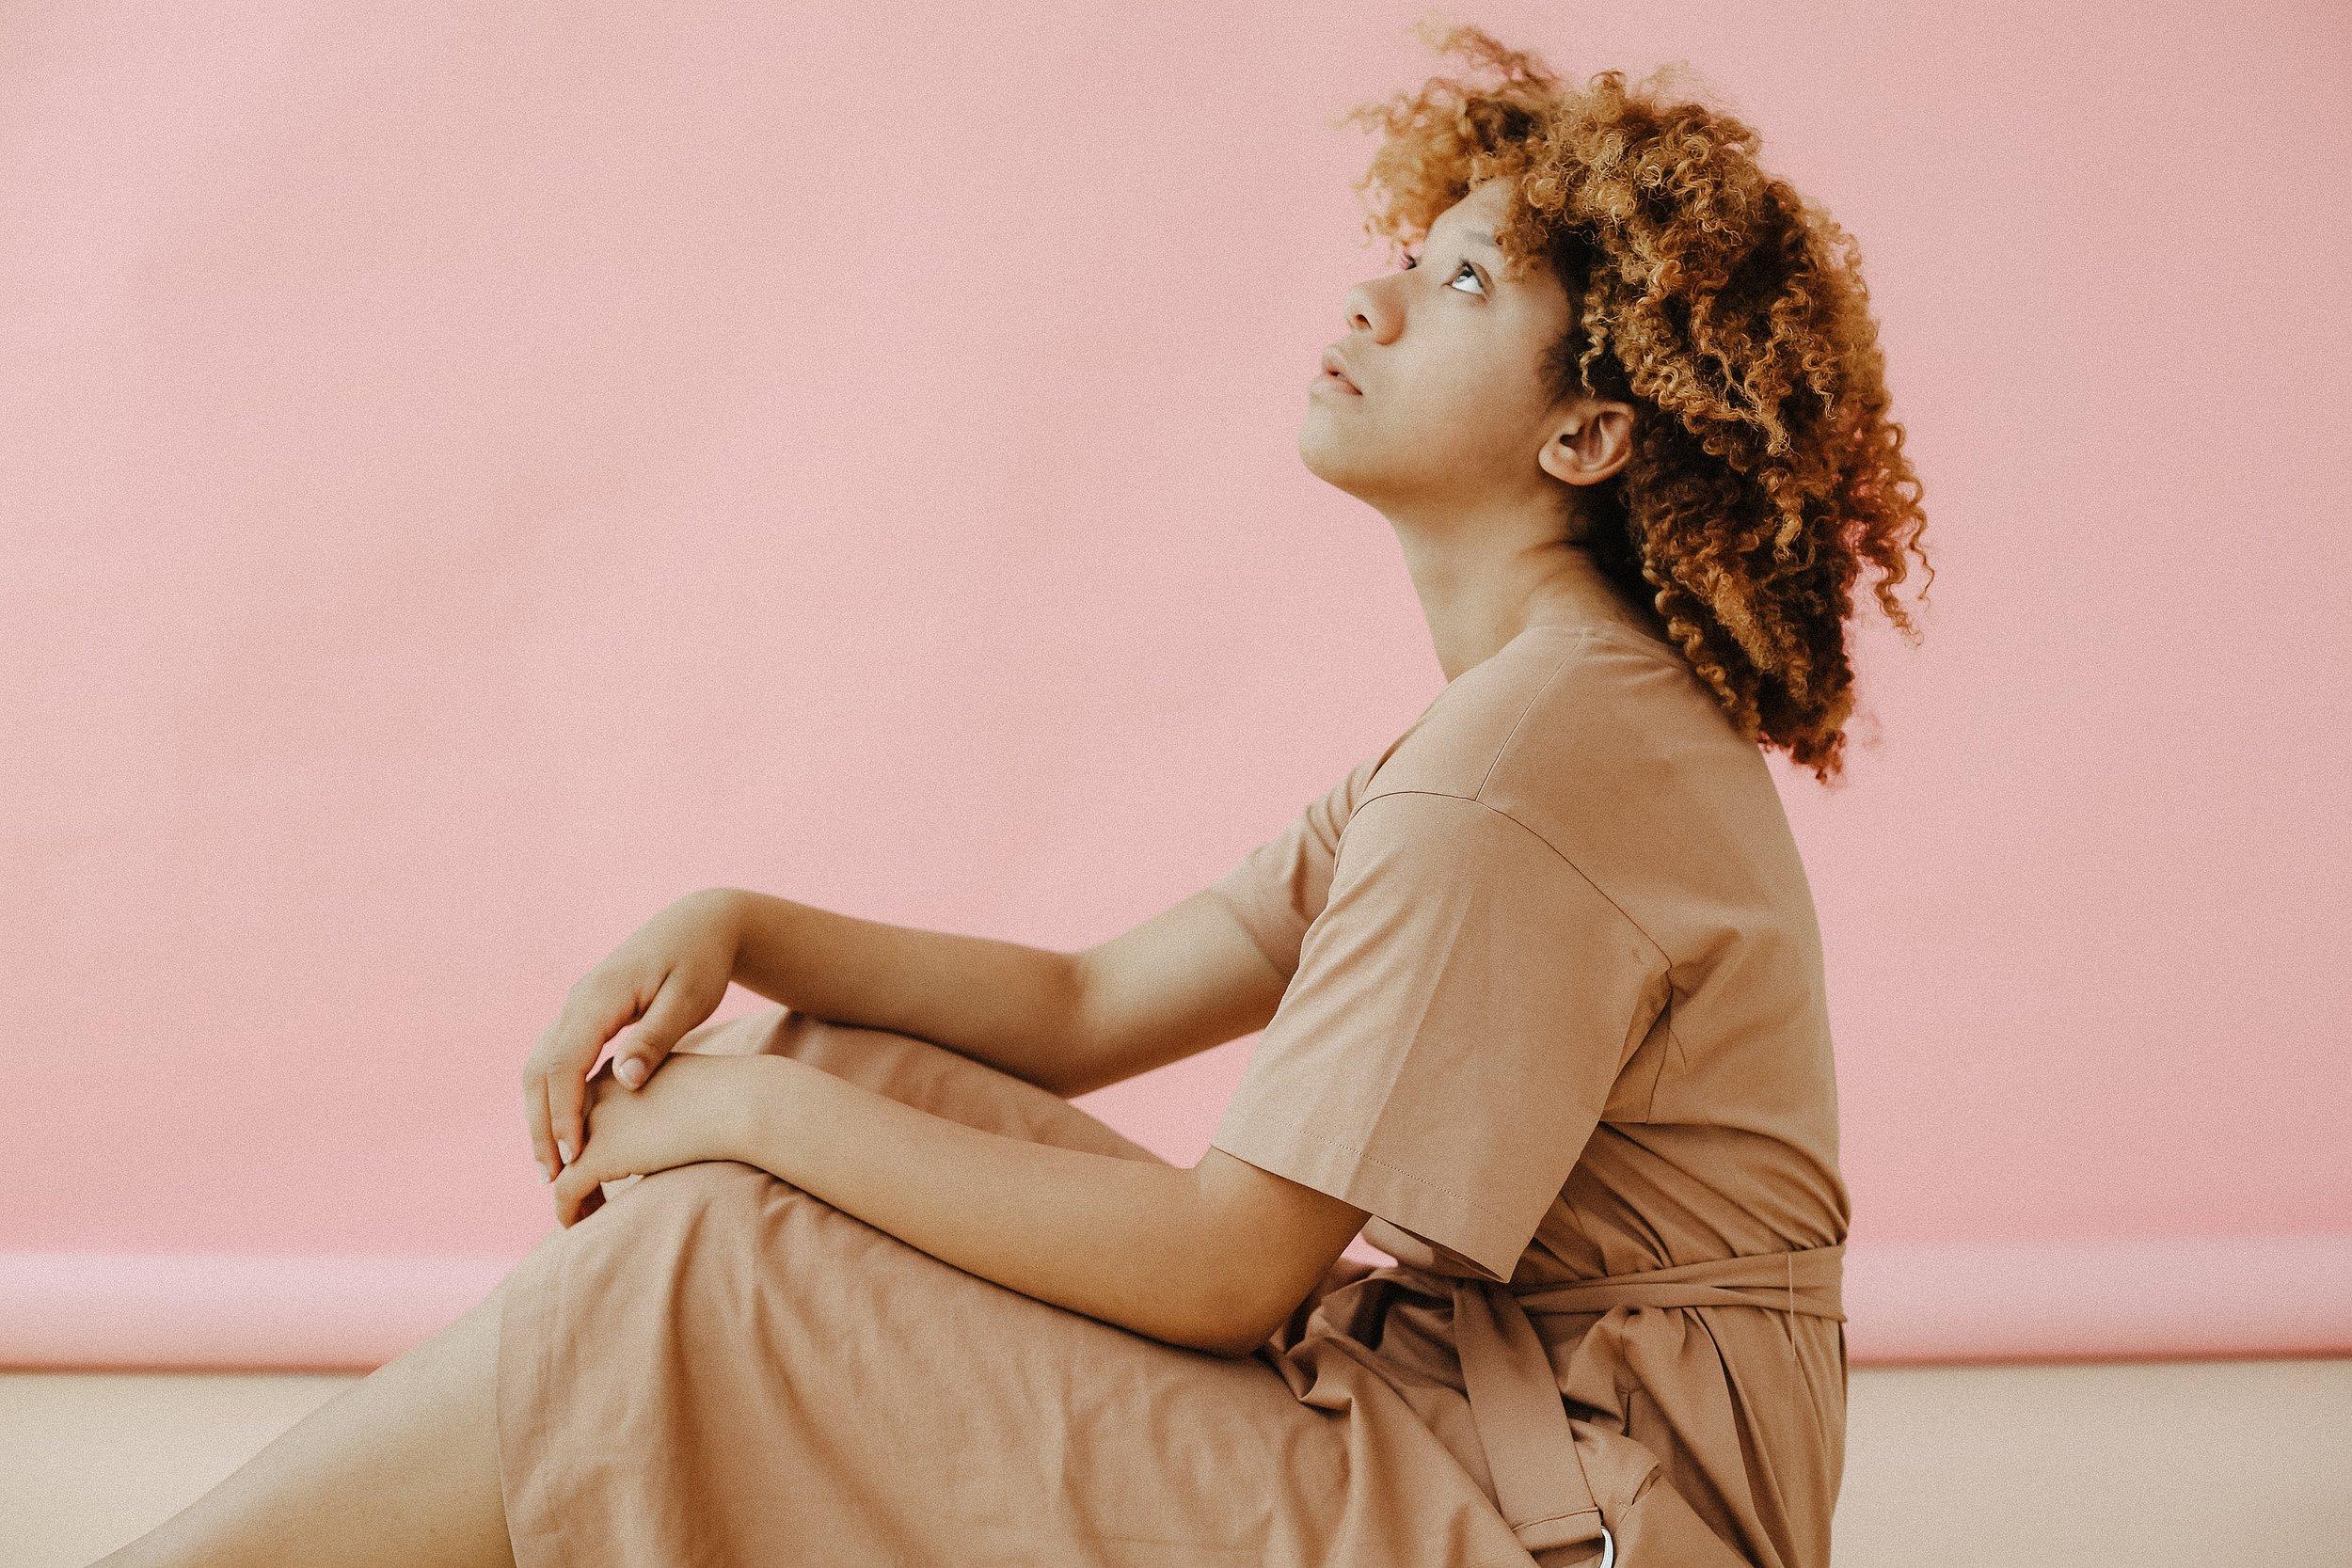 looking-up-sitting-woman-1588038.jpg